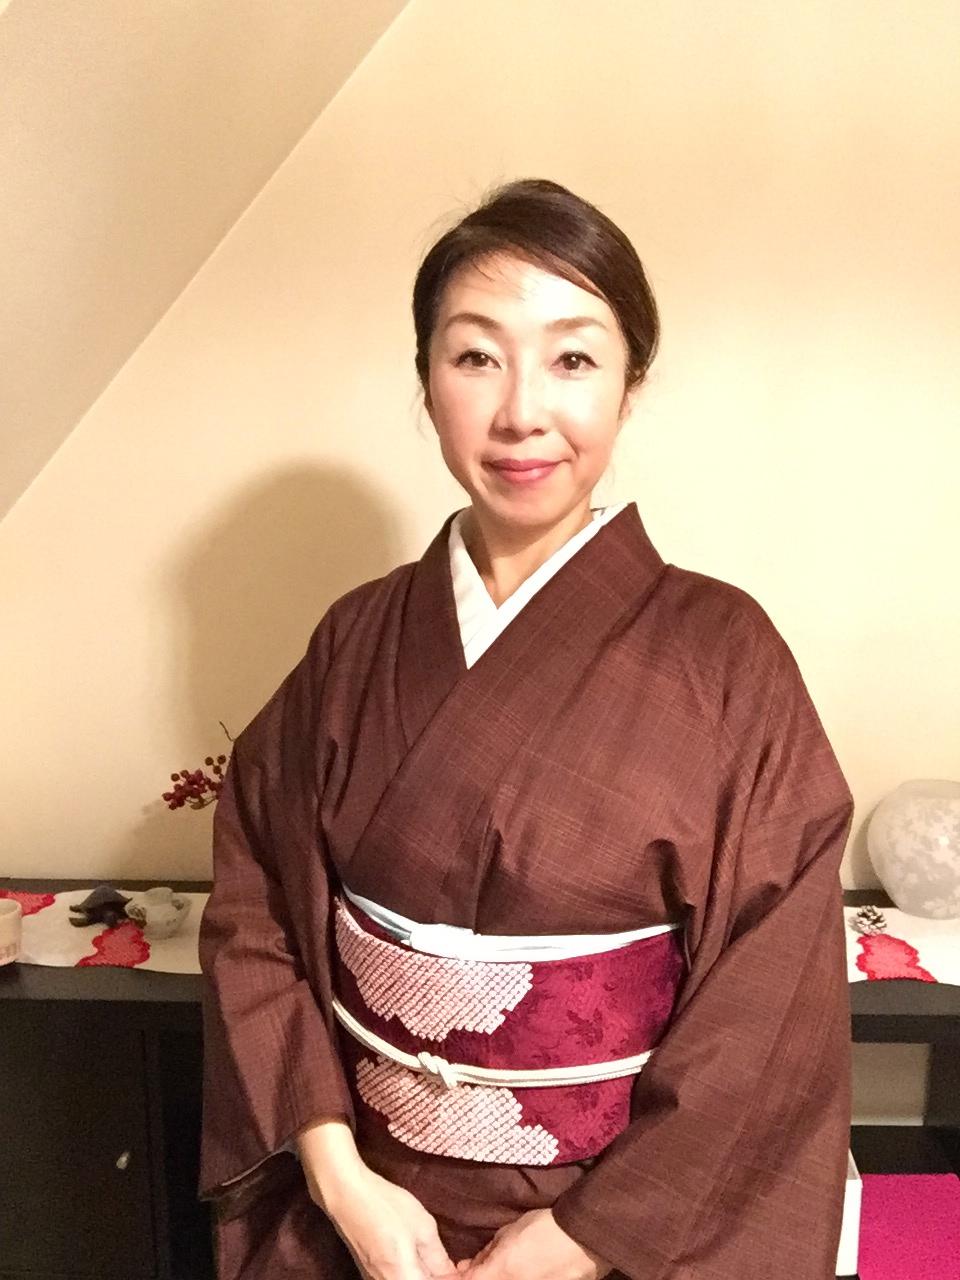 着物コーディネート(普段着篇) 米沢紬、ボンボリ房が冬っぽくて可愛いい!